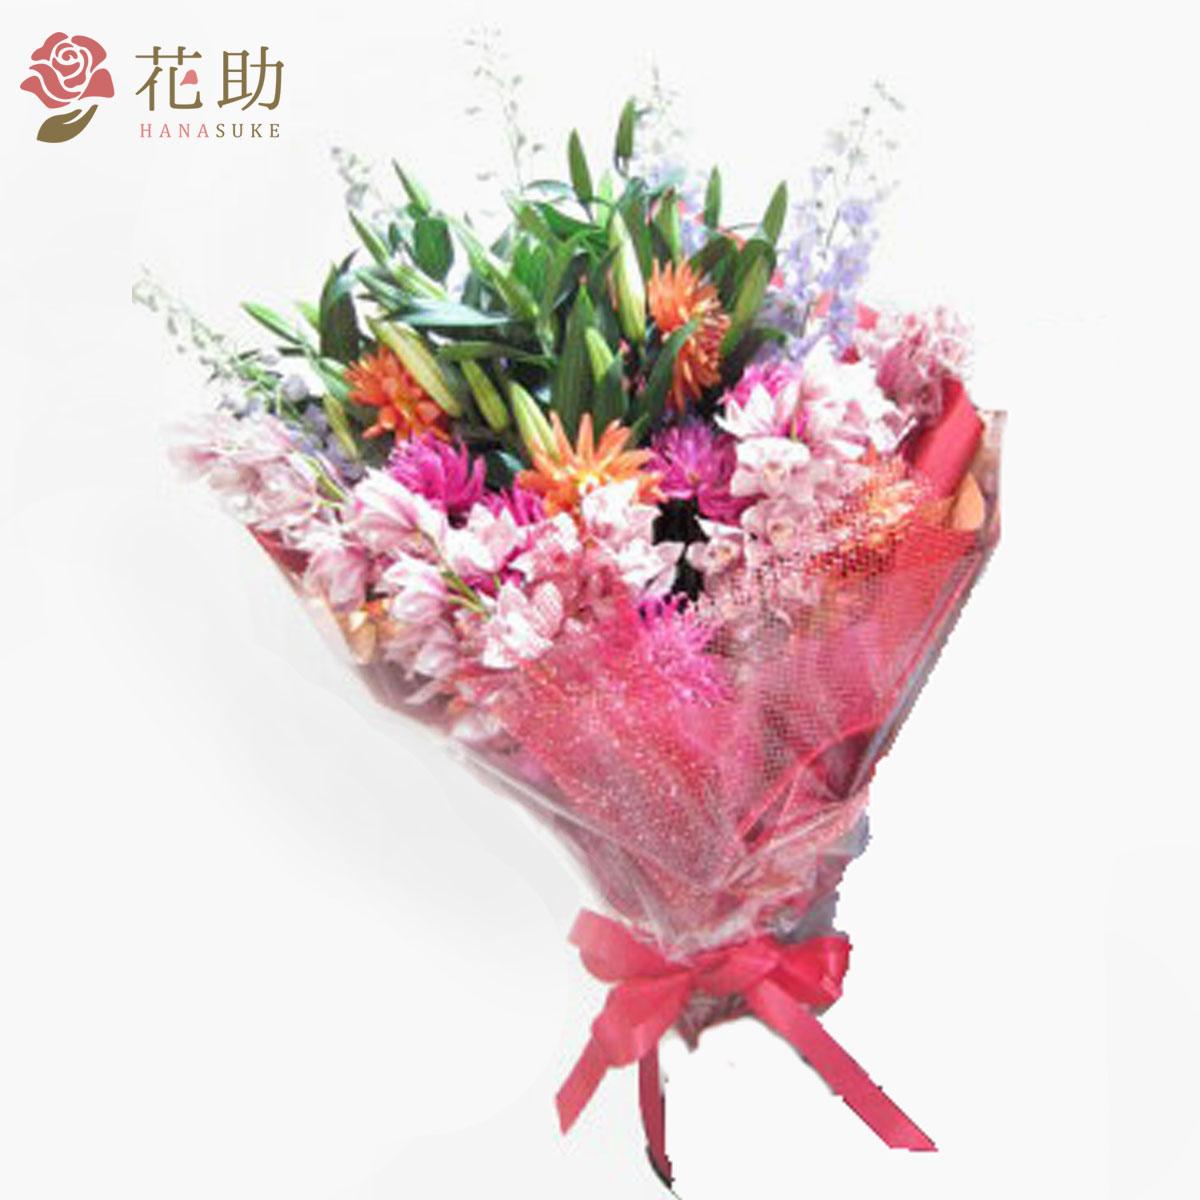 【花】フラワーコンシェルジュが厳選した花屋のお祝い花束 40000円 即日配達 送料無料【あす楽】【楽ギフ_メッセ入力】